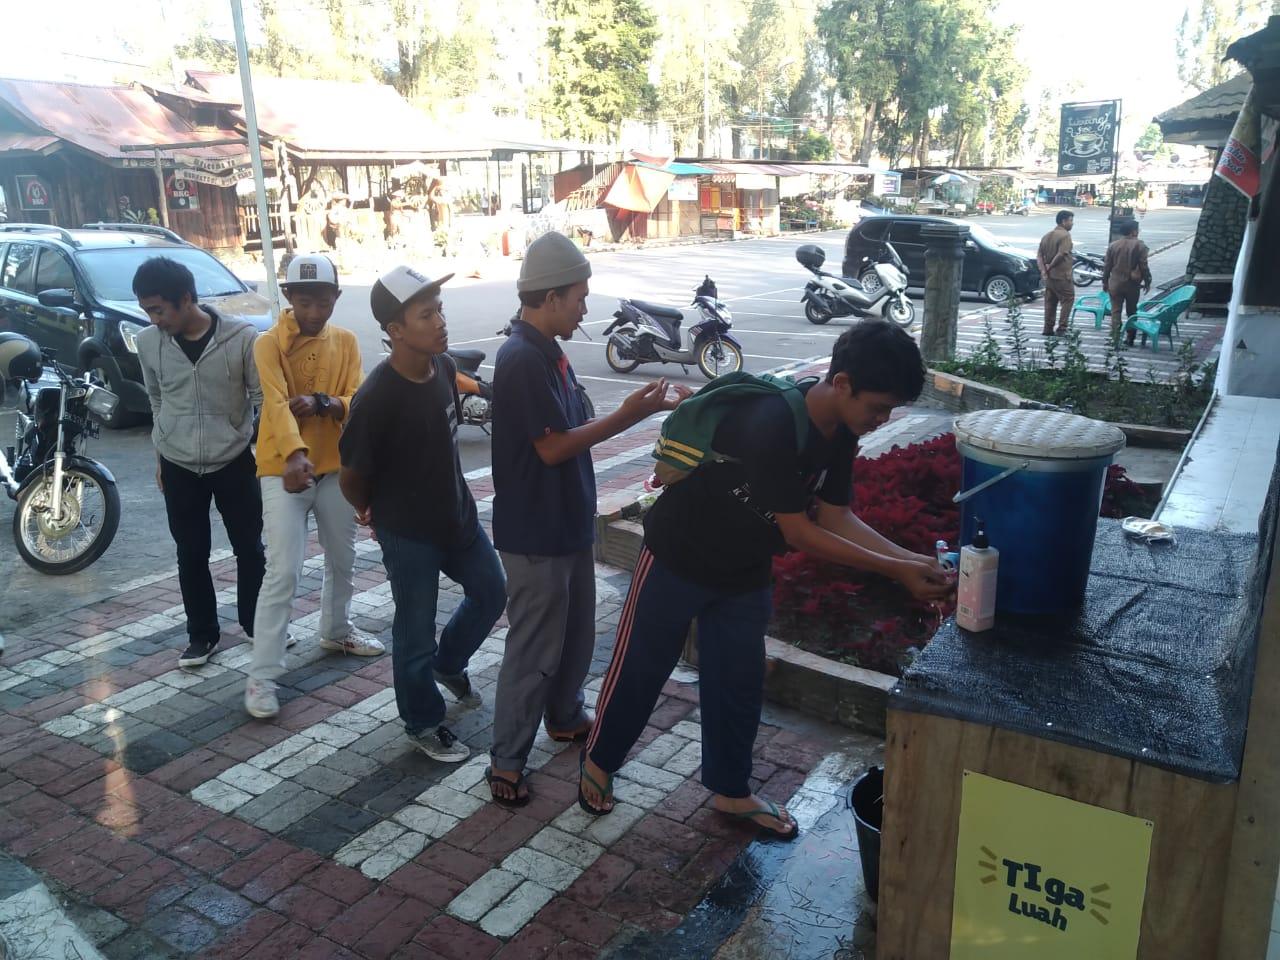 Ket foto : tampak warga mencuci tangan yang telah di pasang oleh pihak Dinas Pariwisata Kabupaten Karo di area parkir Taman Mejuah Juah Berastagi Kabupaten Karo, Rabu (15/03) 2020 (Ist)